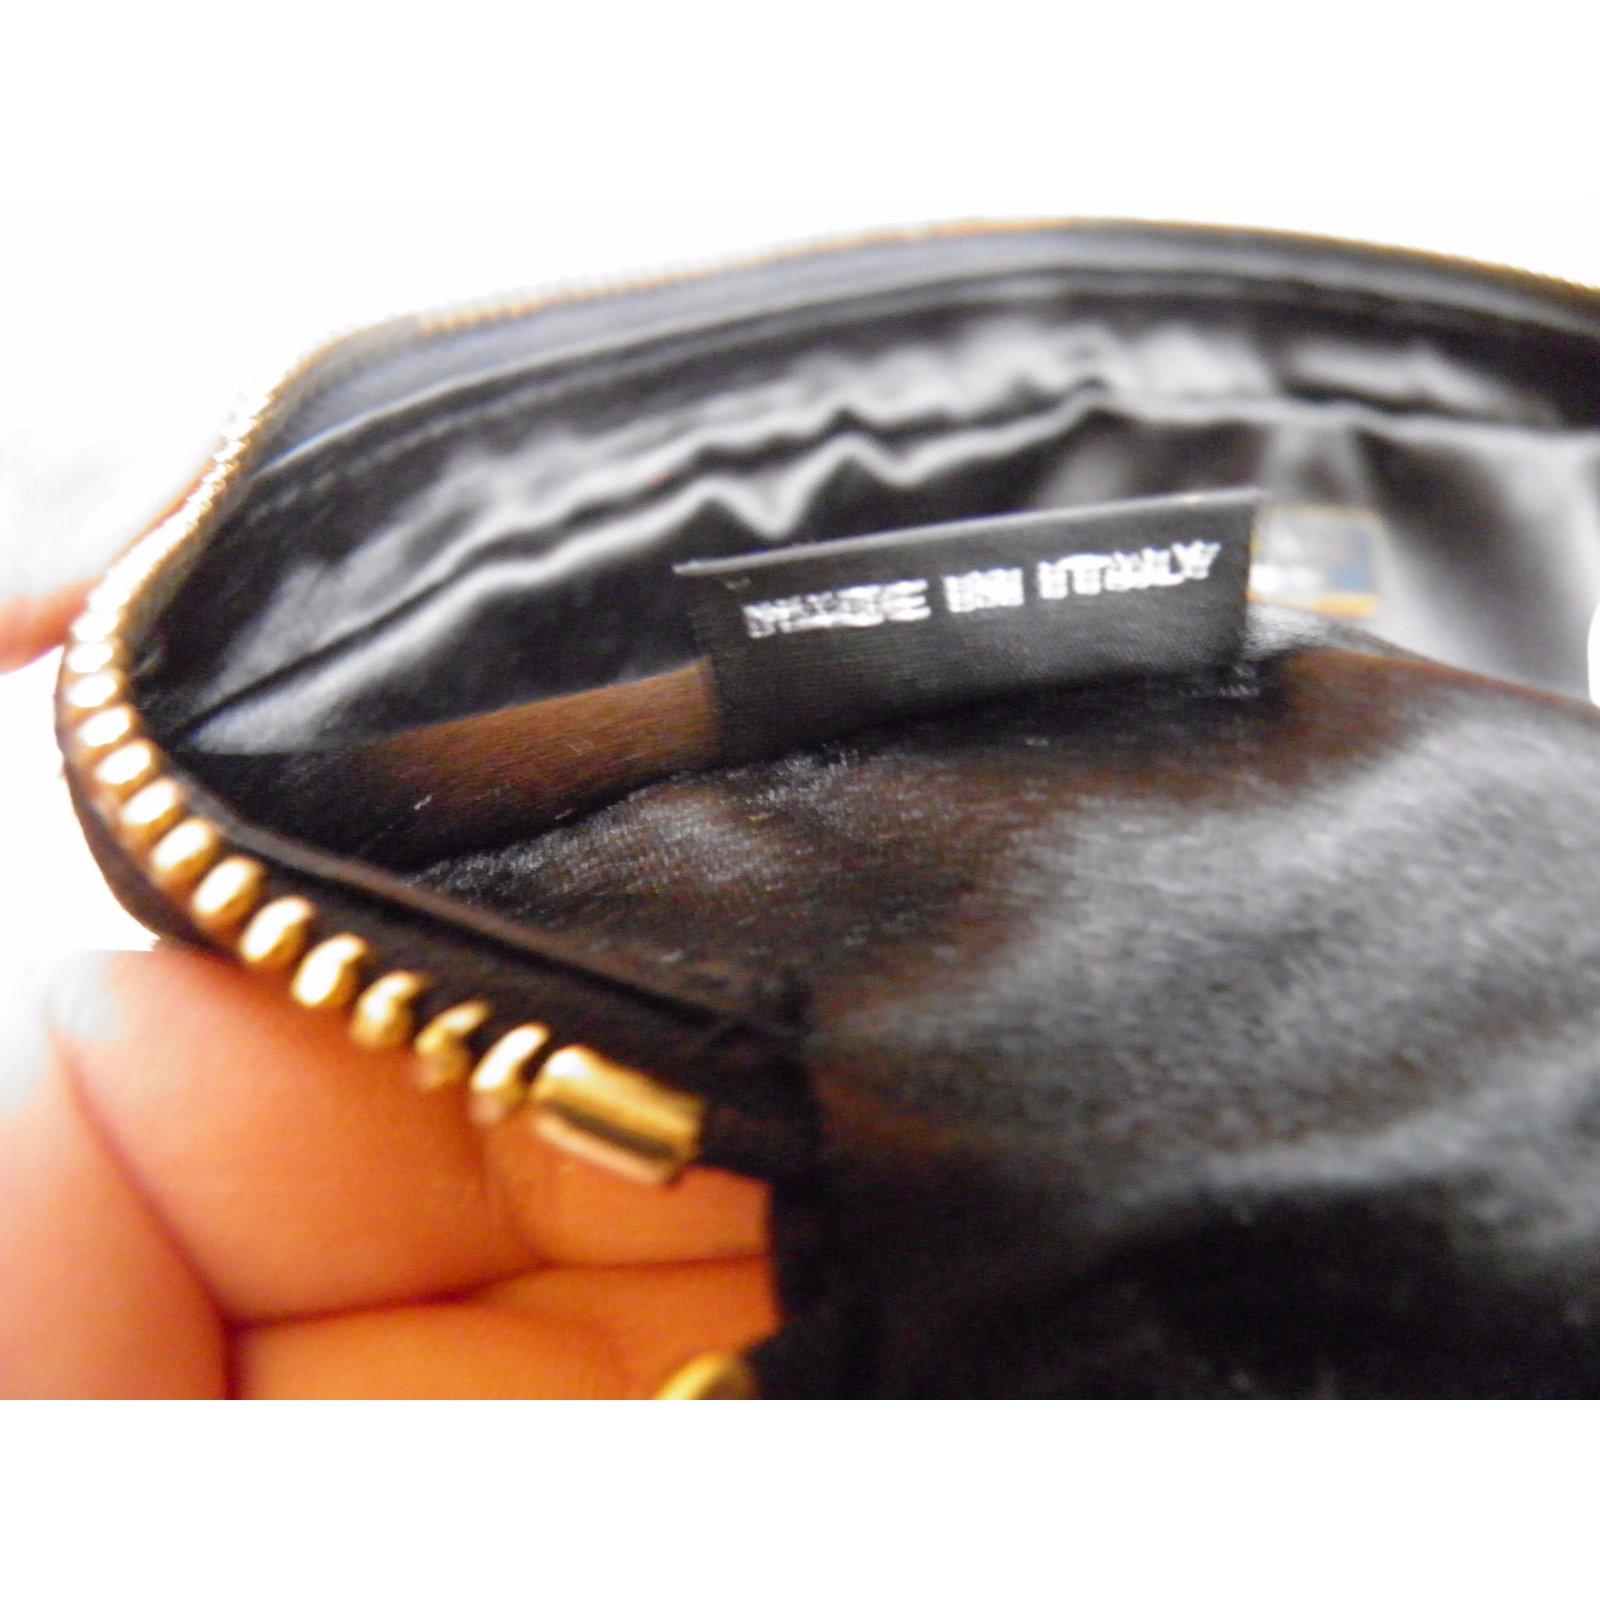 ad2314da6af9 Prada Clutch bags Clutch bags Satin Black ref.54112 - Joli Closet